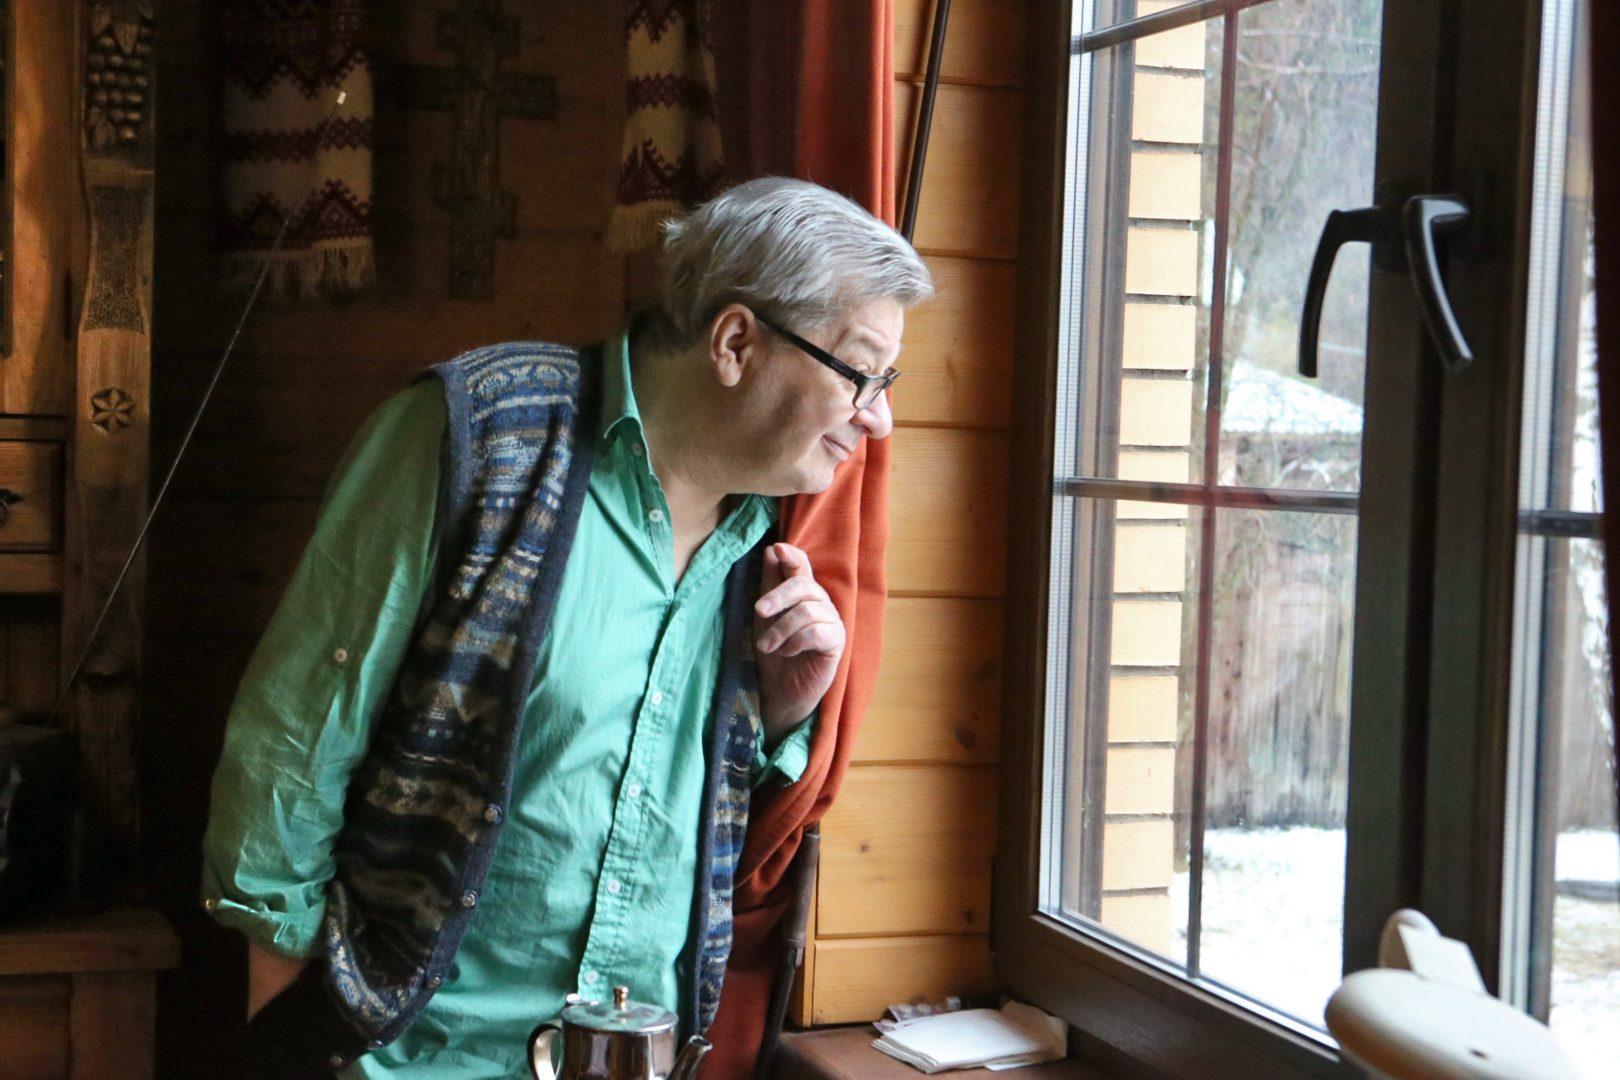 25 января 2020 года. Ученый и телеведущий Александр Вадимович Беляев в своем доме в любимом Мешкове. Фото: Виктор Хабаров